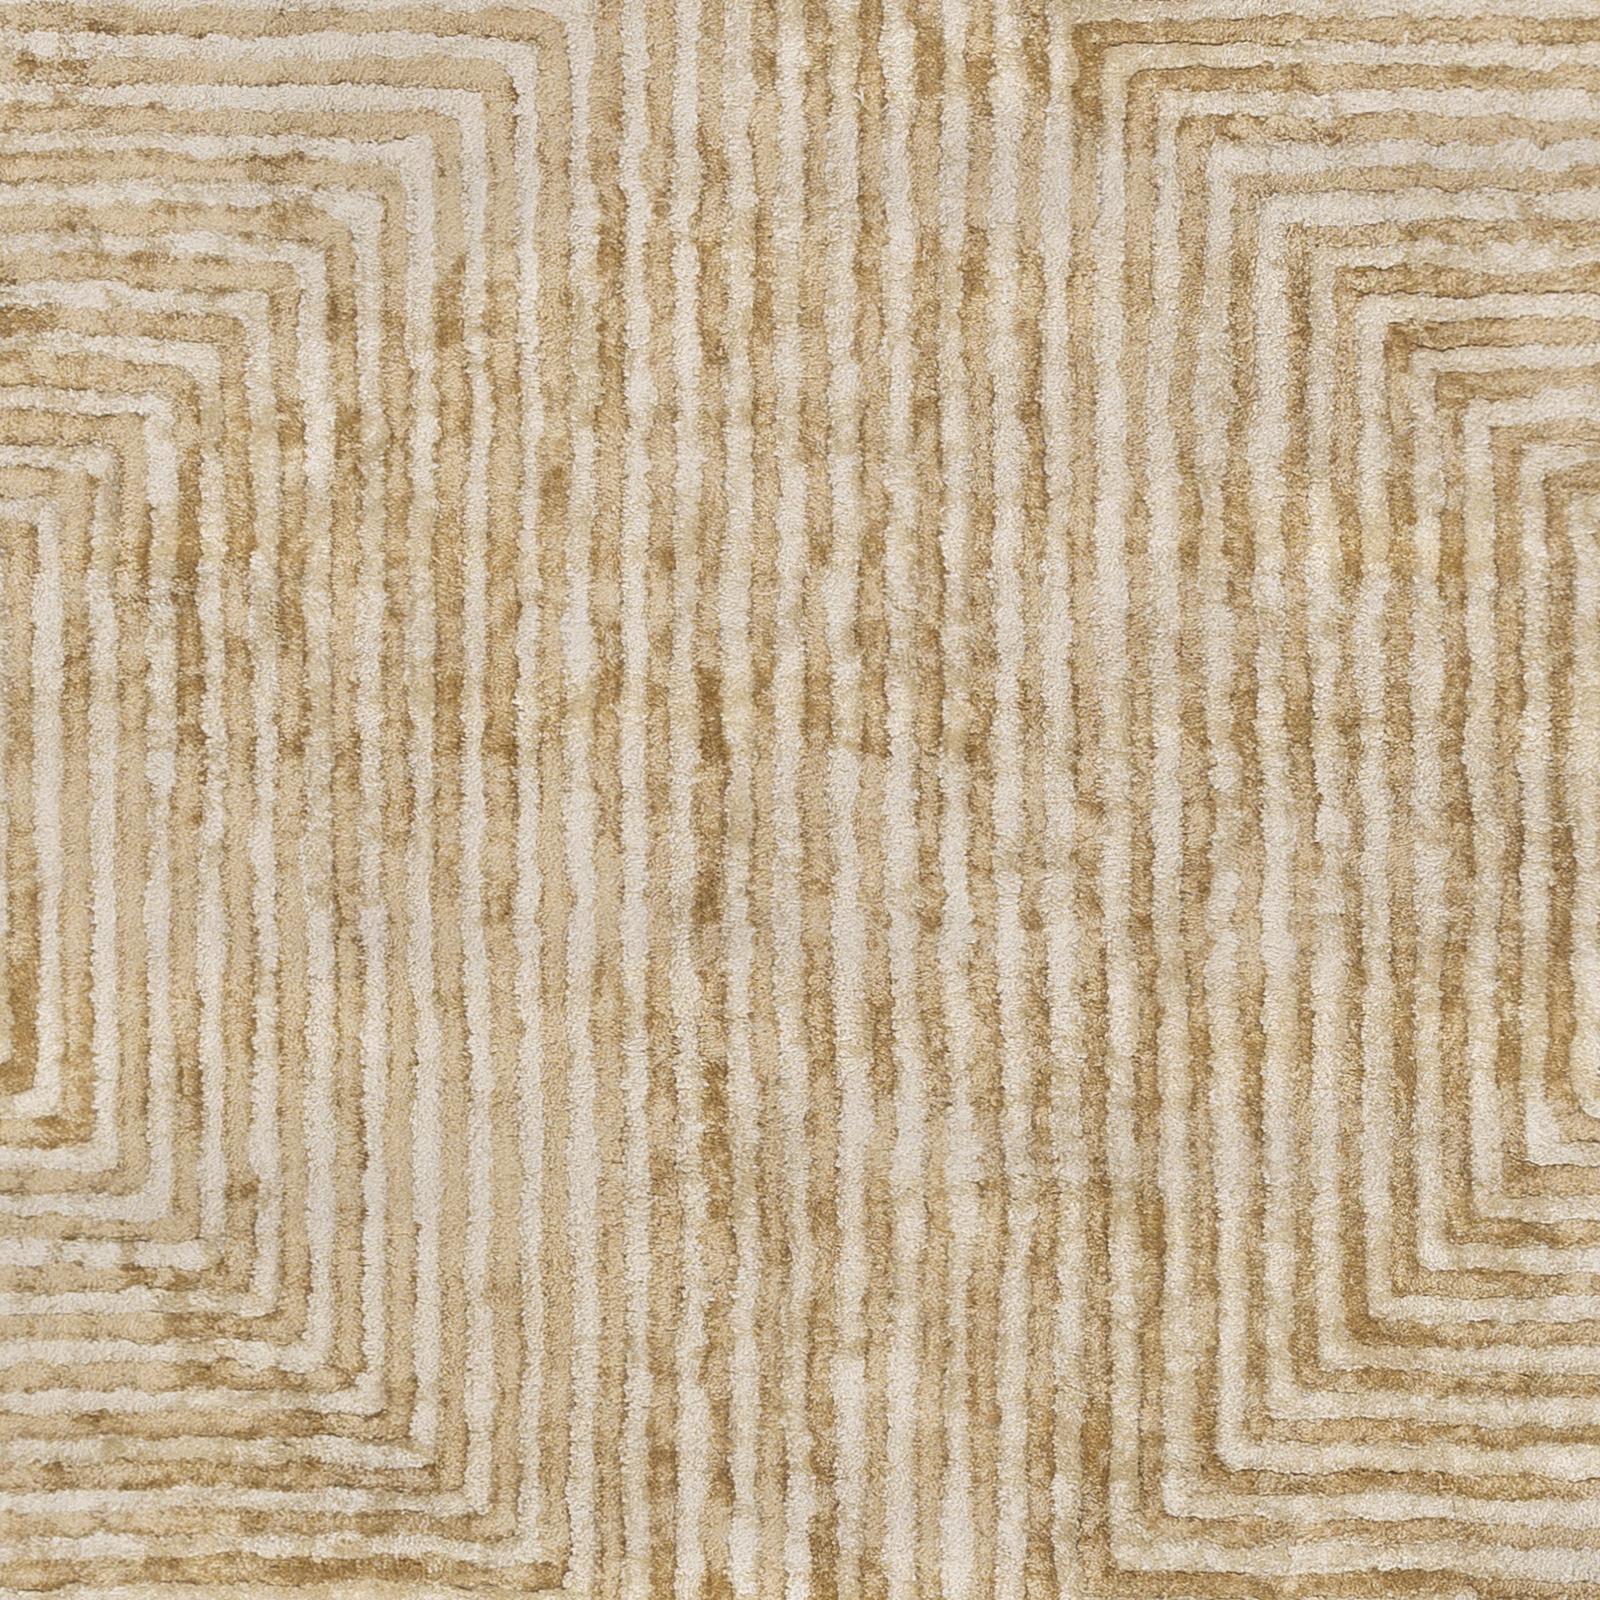 Quartz - 2' x 3' Area Rug